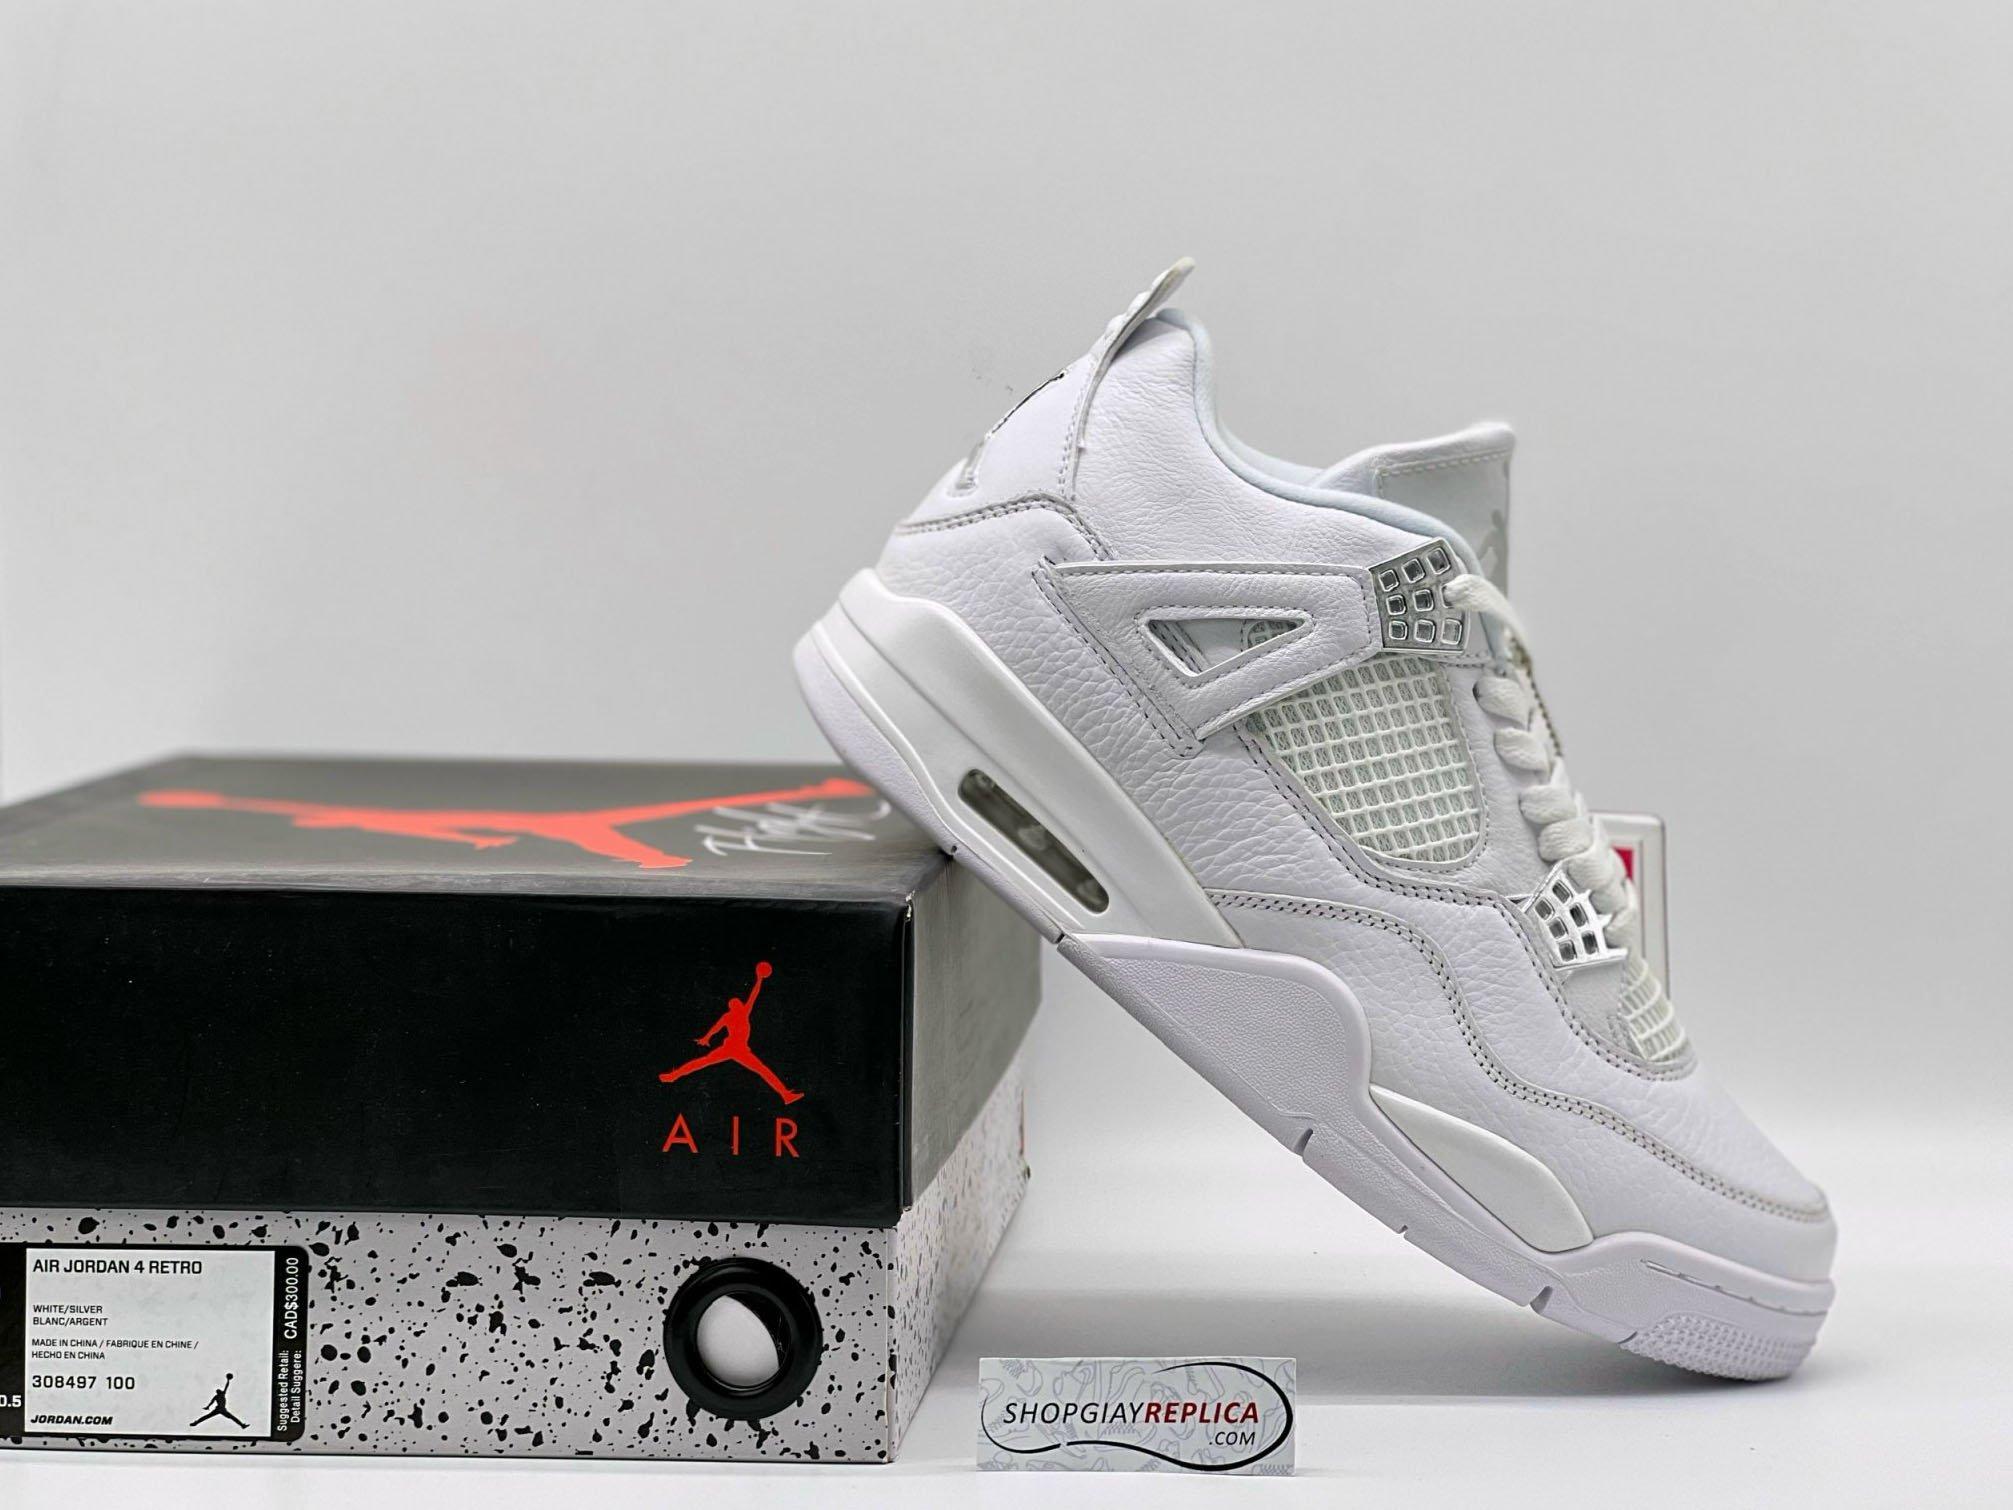 Giày Nike Air Jordan 4 Retro Pure Money (full trắng) rep